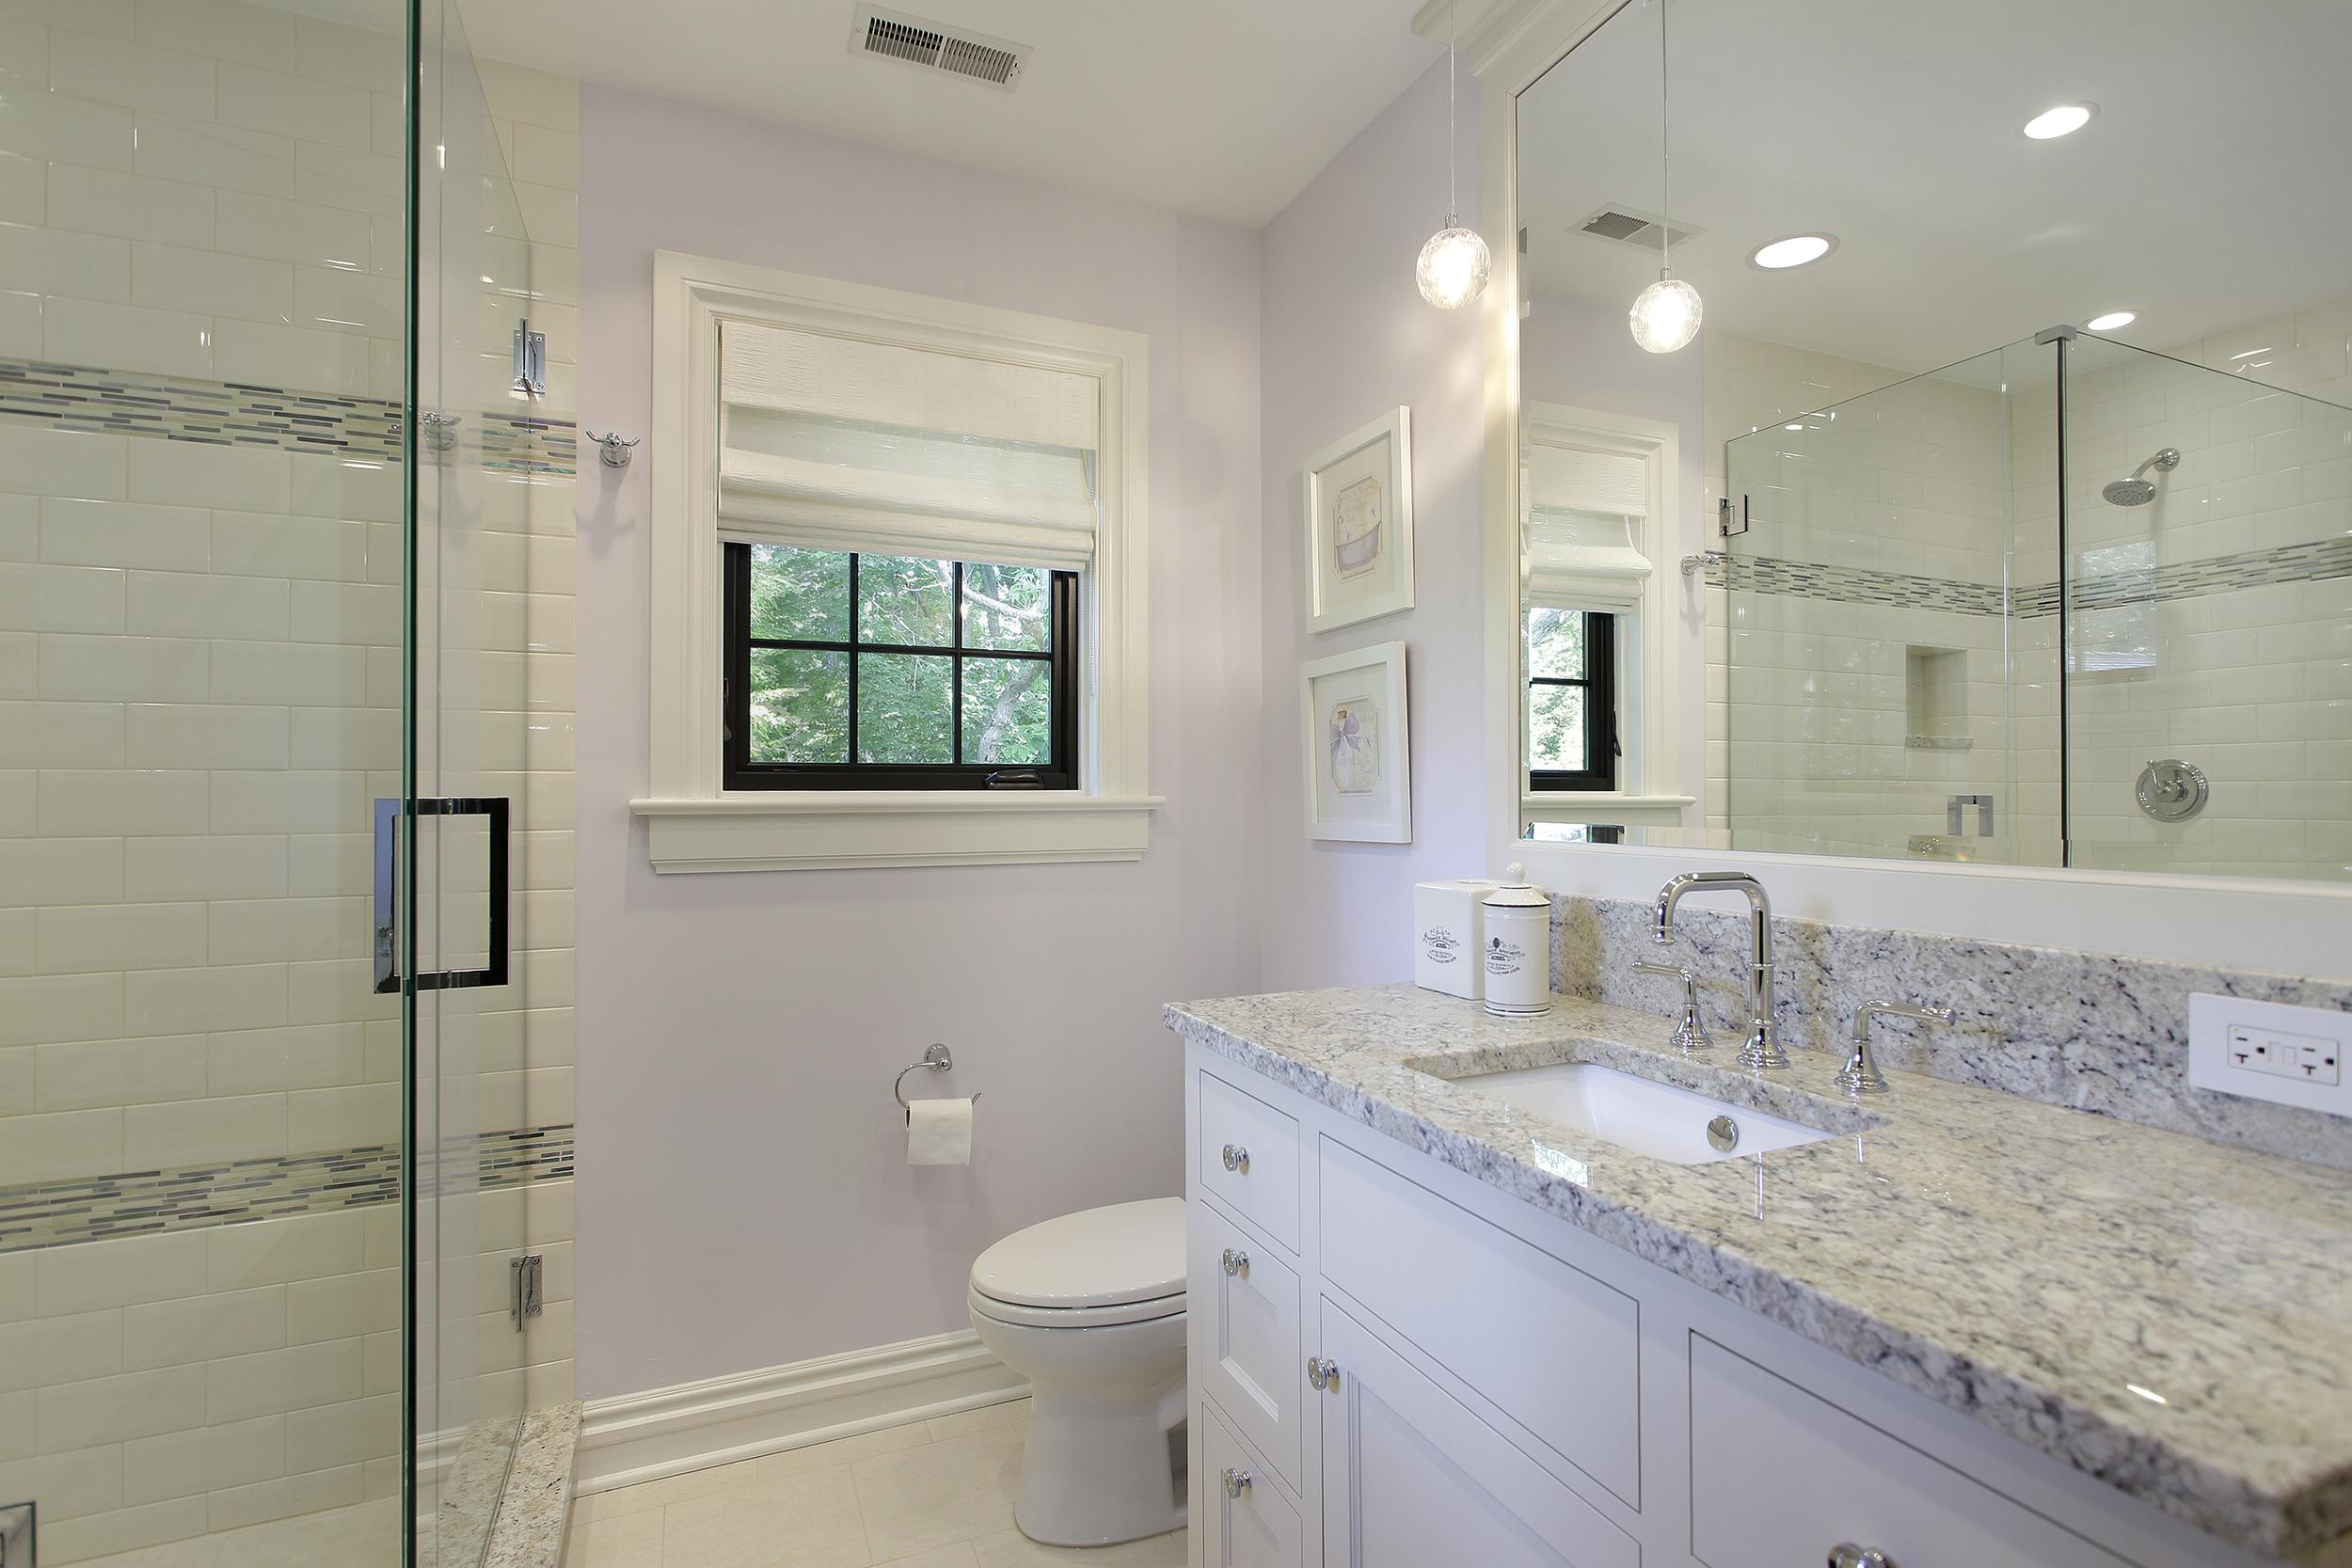 bathroom7_117belle.jpg